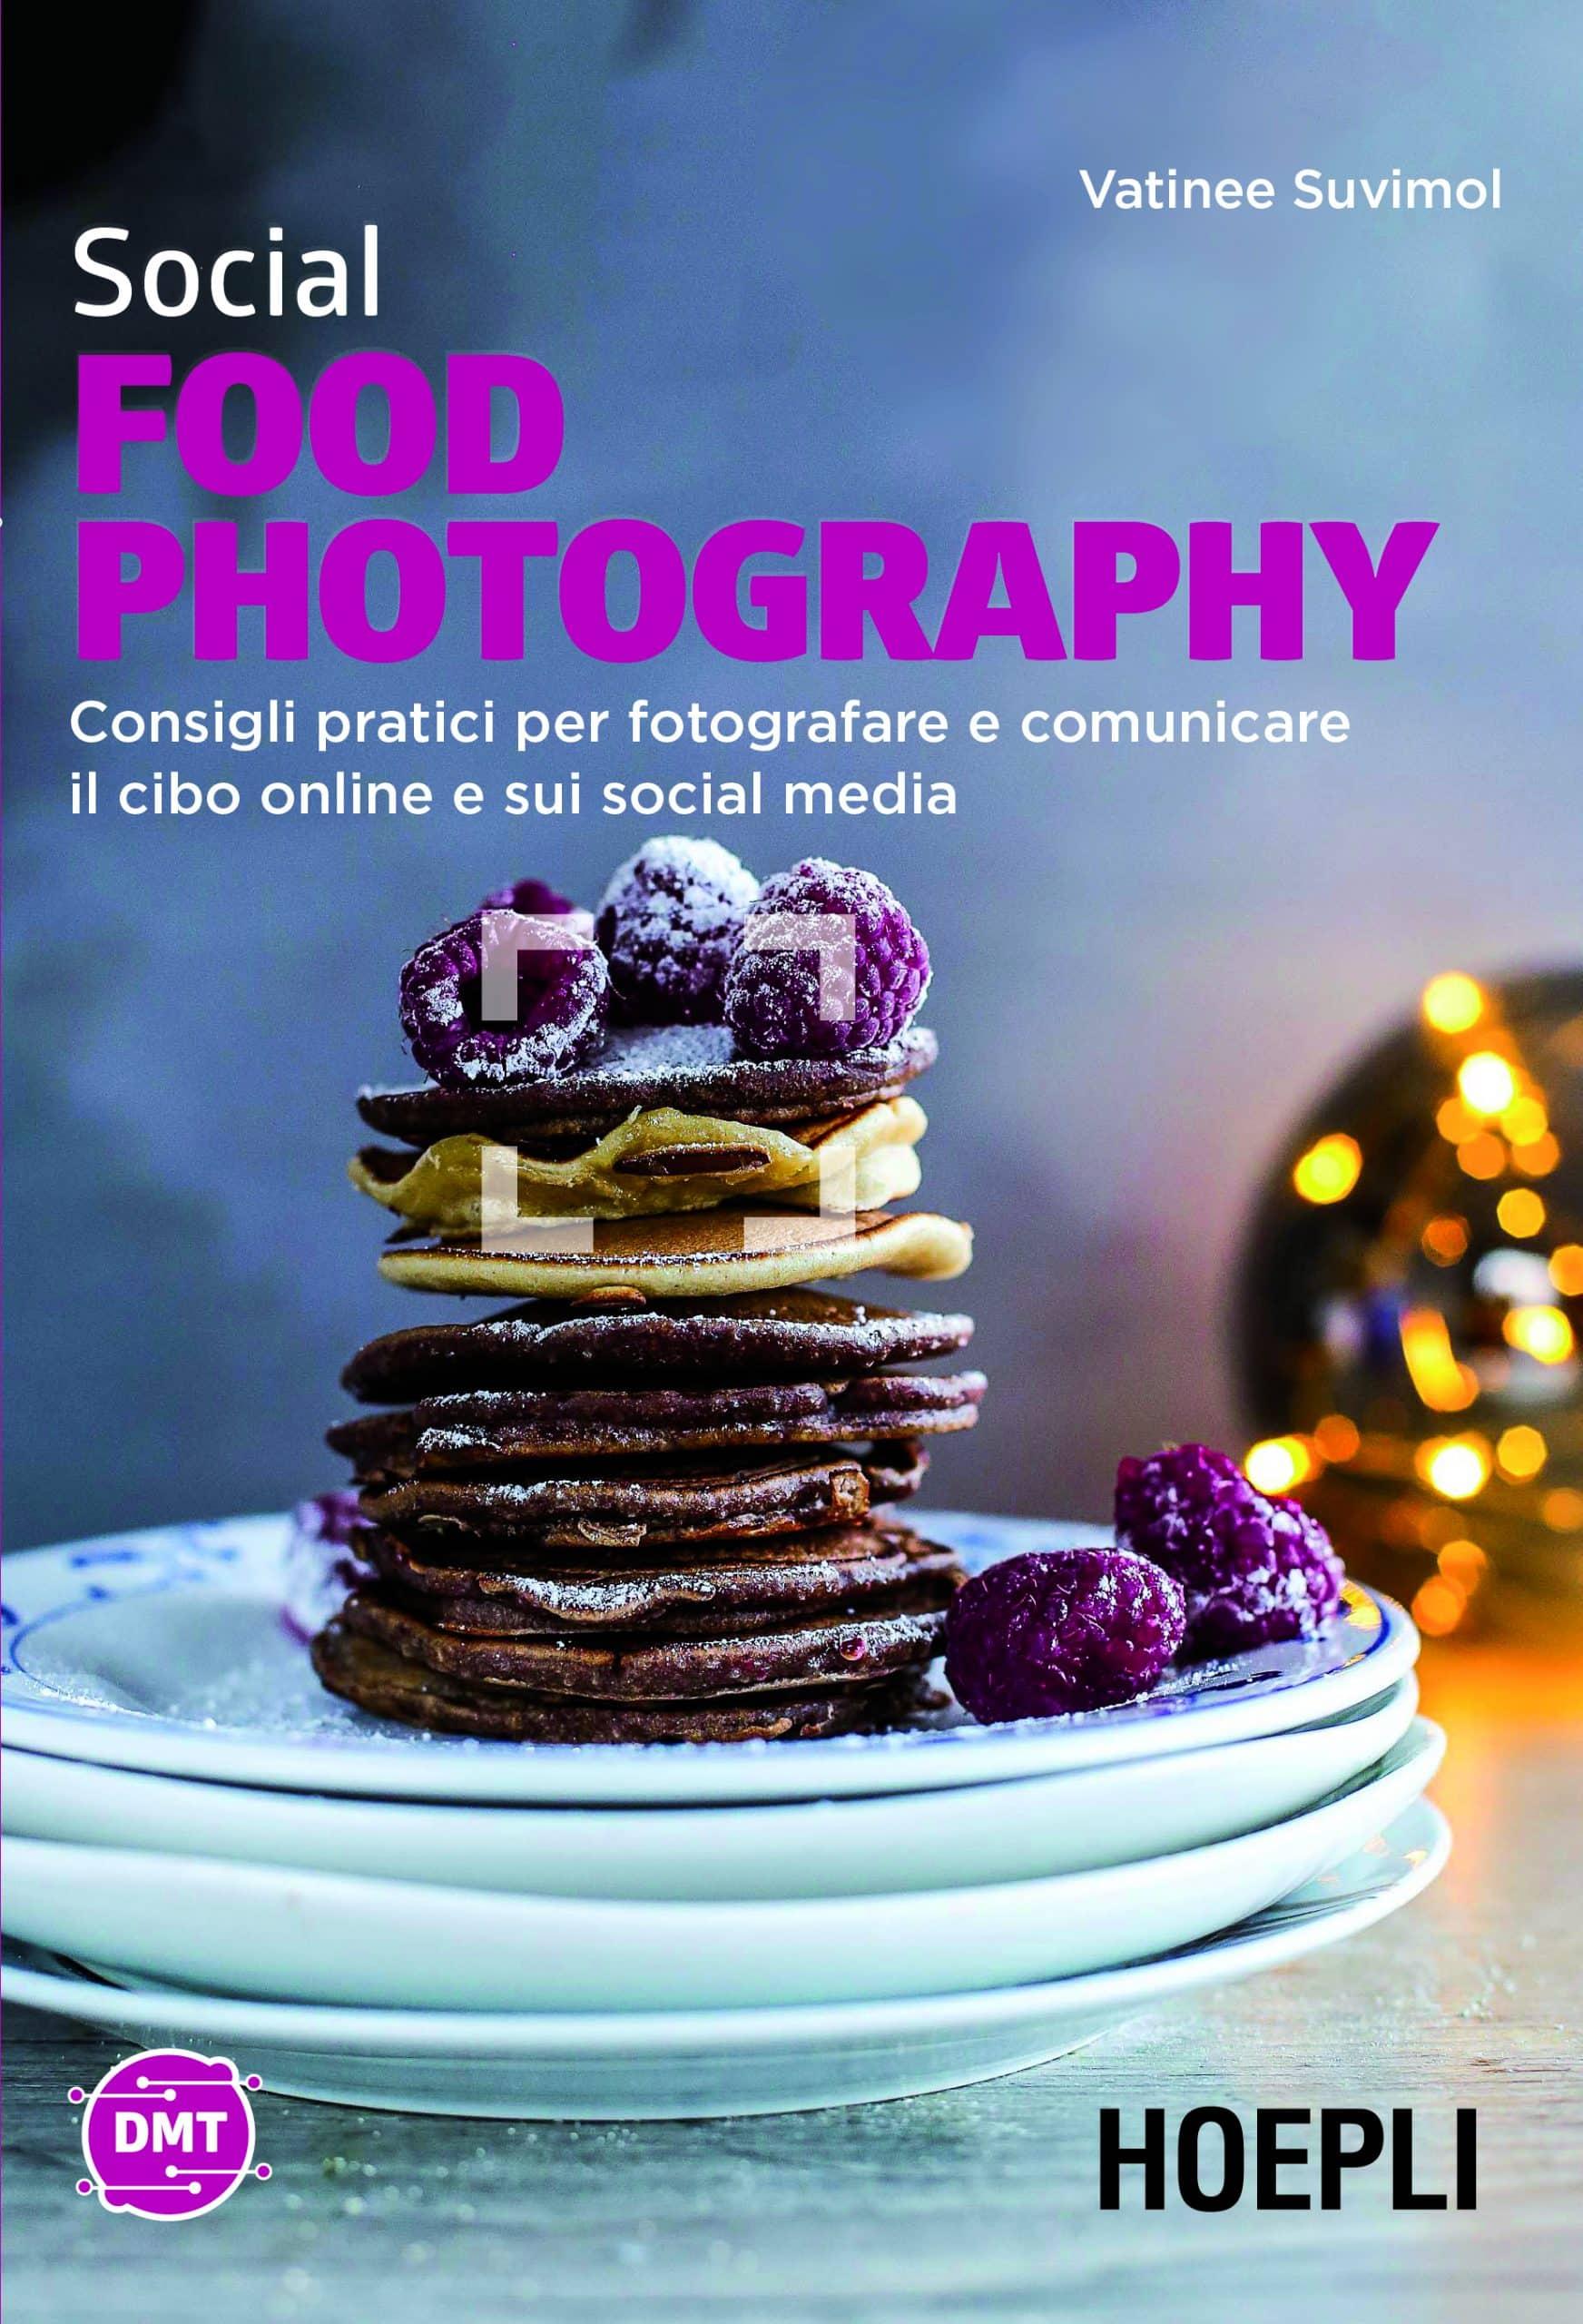 cover-socialfood-photography7_suvimol